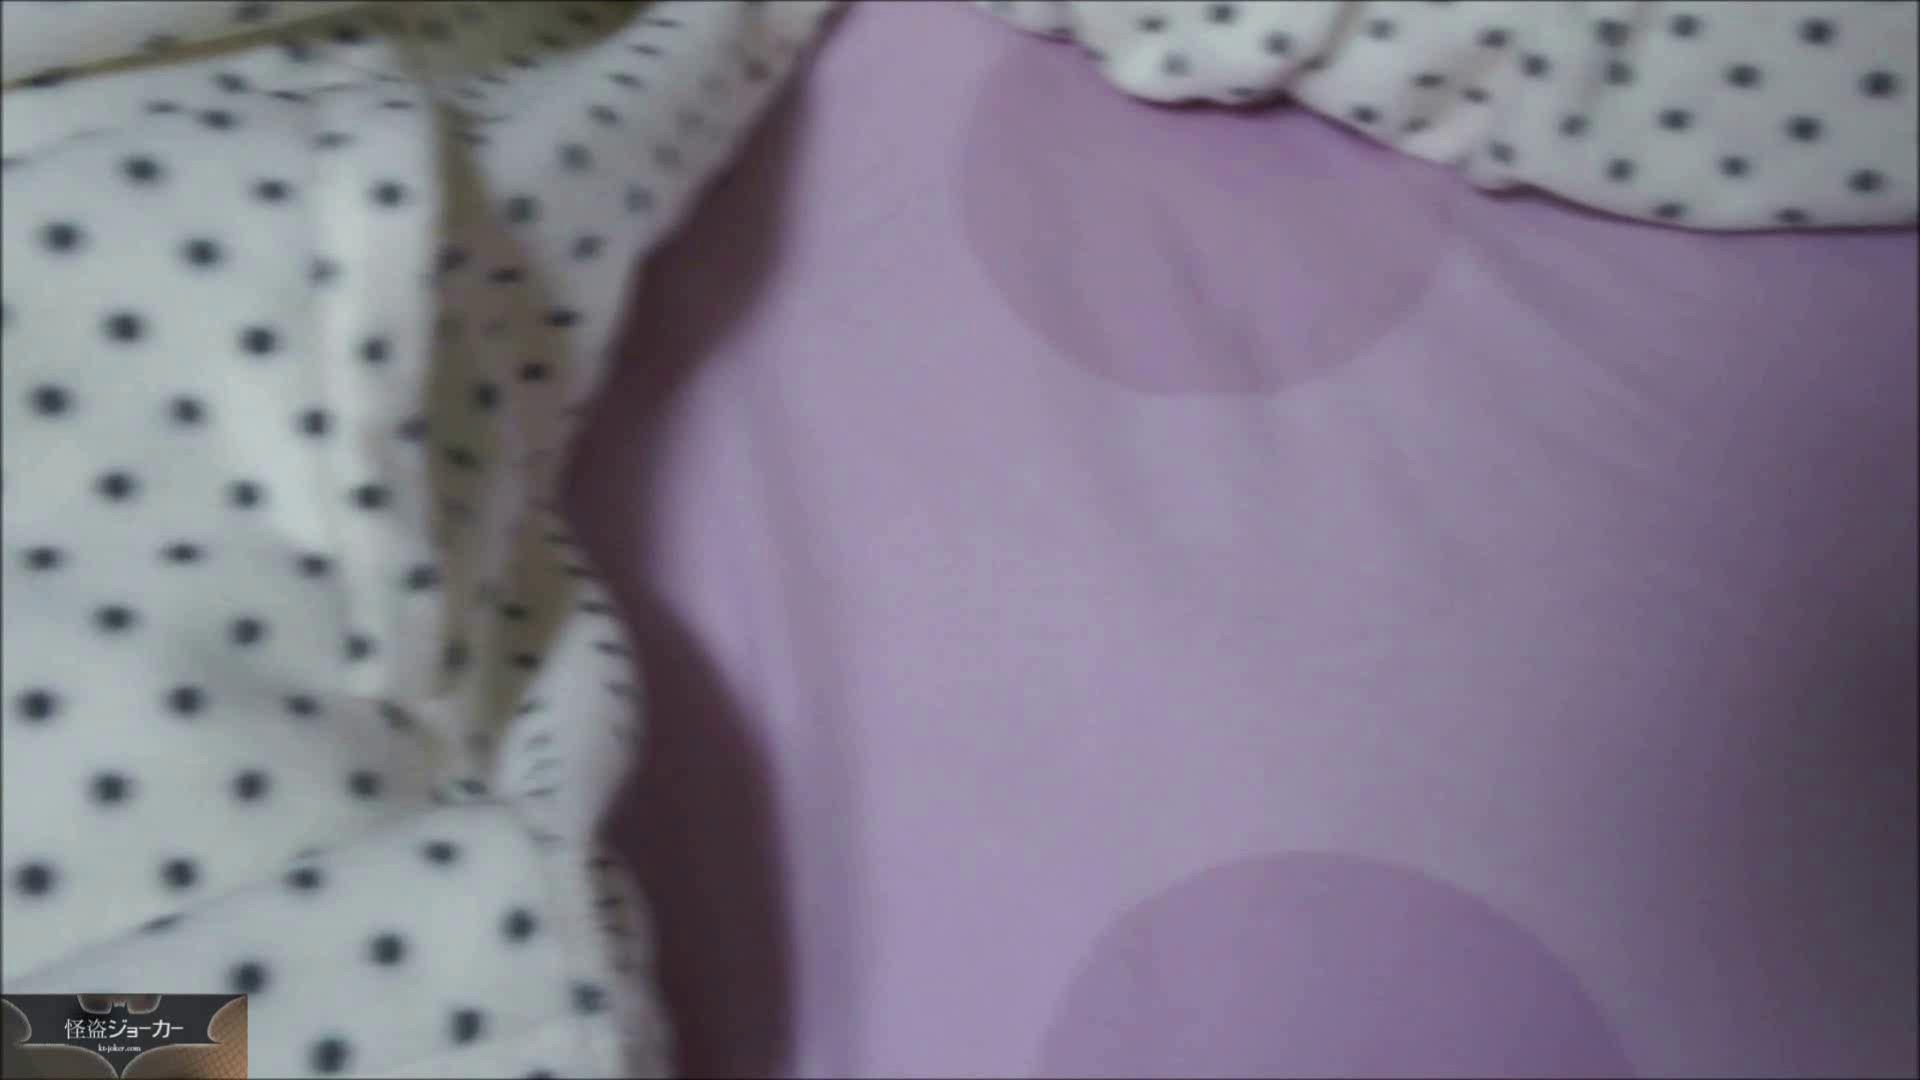 【未公開】vol.4 ユリナ×ヒトミ女市女末を・・・ お姉さん攻略 AV動画キャプチャ 86画像 57